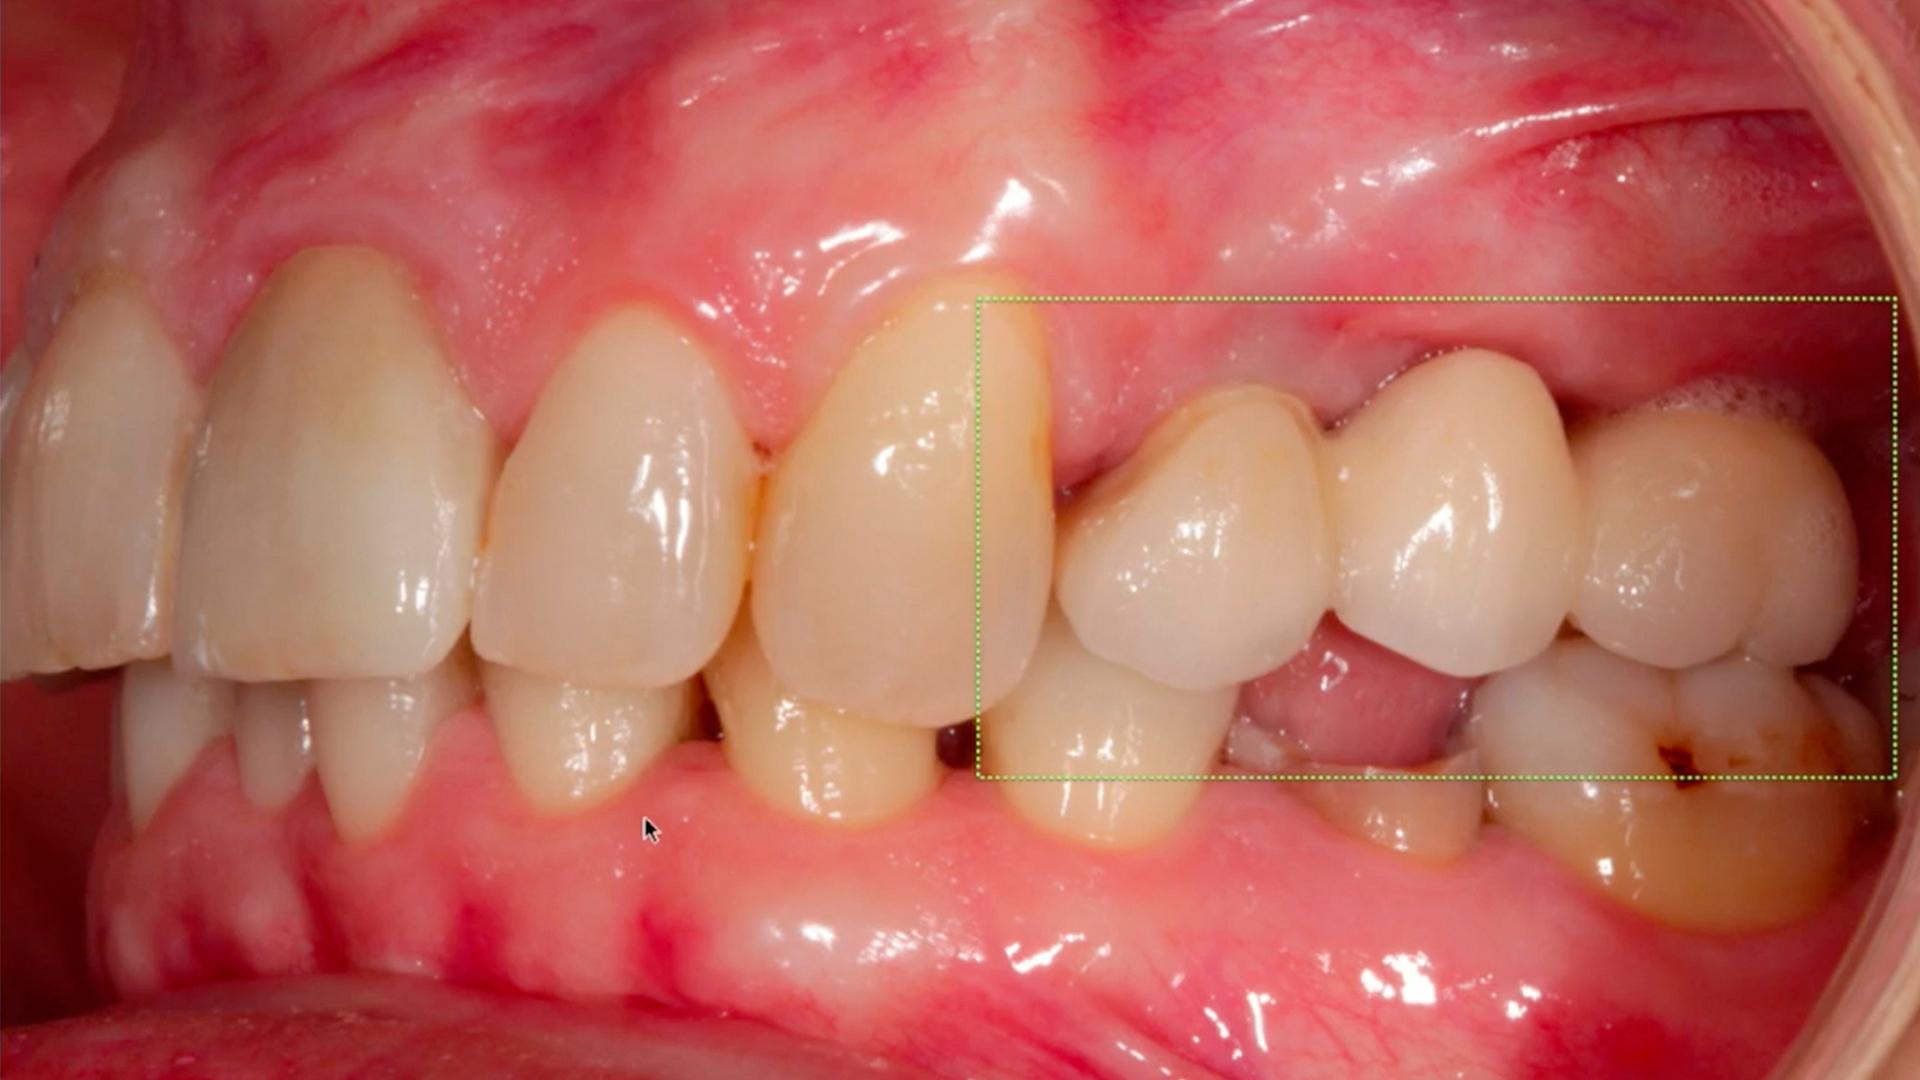 <p>En esta Masterclass&nbsp;<strong>Colocaci&oacute;n de implantes con elevaci&oacute;n de seno crestal (II)</strong>,&nbsp;impartida por el doctor &Oacute;scar Alonso, veremos un caso de fracaso de puente dentosoportado en las piezas 24x27 y comprobaremos c&oacute;mo puede solucionarse con la colocaci&oacute;n de implantes y la <strong>elevaci&oacute;n de seno crestal</strong>.<br /> <br /> La <strong>elevaci&oacute;n del seno crestal</strong> y la colocaci&oacute;n de injertos &oacute;seos es un procedimiento que permite la colocaci&oacute;n de implantes dentales en casos en los que la altura &oacute;sea del maxilar es insuficiente. Gracias a esta Masterclass <strong>Colocaci&oacute;n de implantes con elevaci&oacute;n de seno crestal (II)</strong> podr&aacute;s aprender a realizar una correcta <strong>elevaci&oacute;n del seno crestal</strong> y as&iacute; poder colocar conveniente el implante seg&uacute;n las caracter&iacute;sticas particulares de cada paciente que acude a la cl&iacute;nica dental. En definitiva, saber llevar a cabo cada paso a seguir en la <strong>elevaci&oacute;n del seno crestal</strong> en tratamientos implantol&oacute;gicos te facilitar&aacute; tu trabajo como odont&oacute;logo obteniendo mejores resultados en la colocaci&oacute;n de implantes dentales.<br /> <br /> Todas nuestras Masterclass est&aacute;n impartidas por los mayores expertos en odontolog&iacute;a. Gracias a nuestra Masterclass&nbsp;<strong>Colocaci&oacute;n de implantes con elevaci&oacute;n de seno crestal(II)</strong>&nbsp;y otras como esta, que forman parte de la serie&nbsp;<strong>Cirug&iacute;a del seno maxilar y elevaci&oacute;n de piso nasal</strong> podr&aacute;s desarrollar y actualizar tus conocimientos sobre&nbsp;las t&eacute;cnicas quir&uacute;rgicas de <strong>elevaci&oacute;n sinusal</strong>,&nbsp;alcanzando una formaci&oacute;n avanzada y permiti&eacute;ndote profundizar en&nbsp;los aspectos a tener en cuenta en la <strong>cirug&iacute;a del seno maxilar</stron